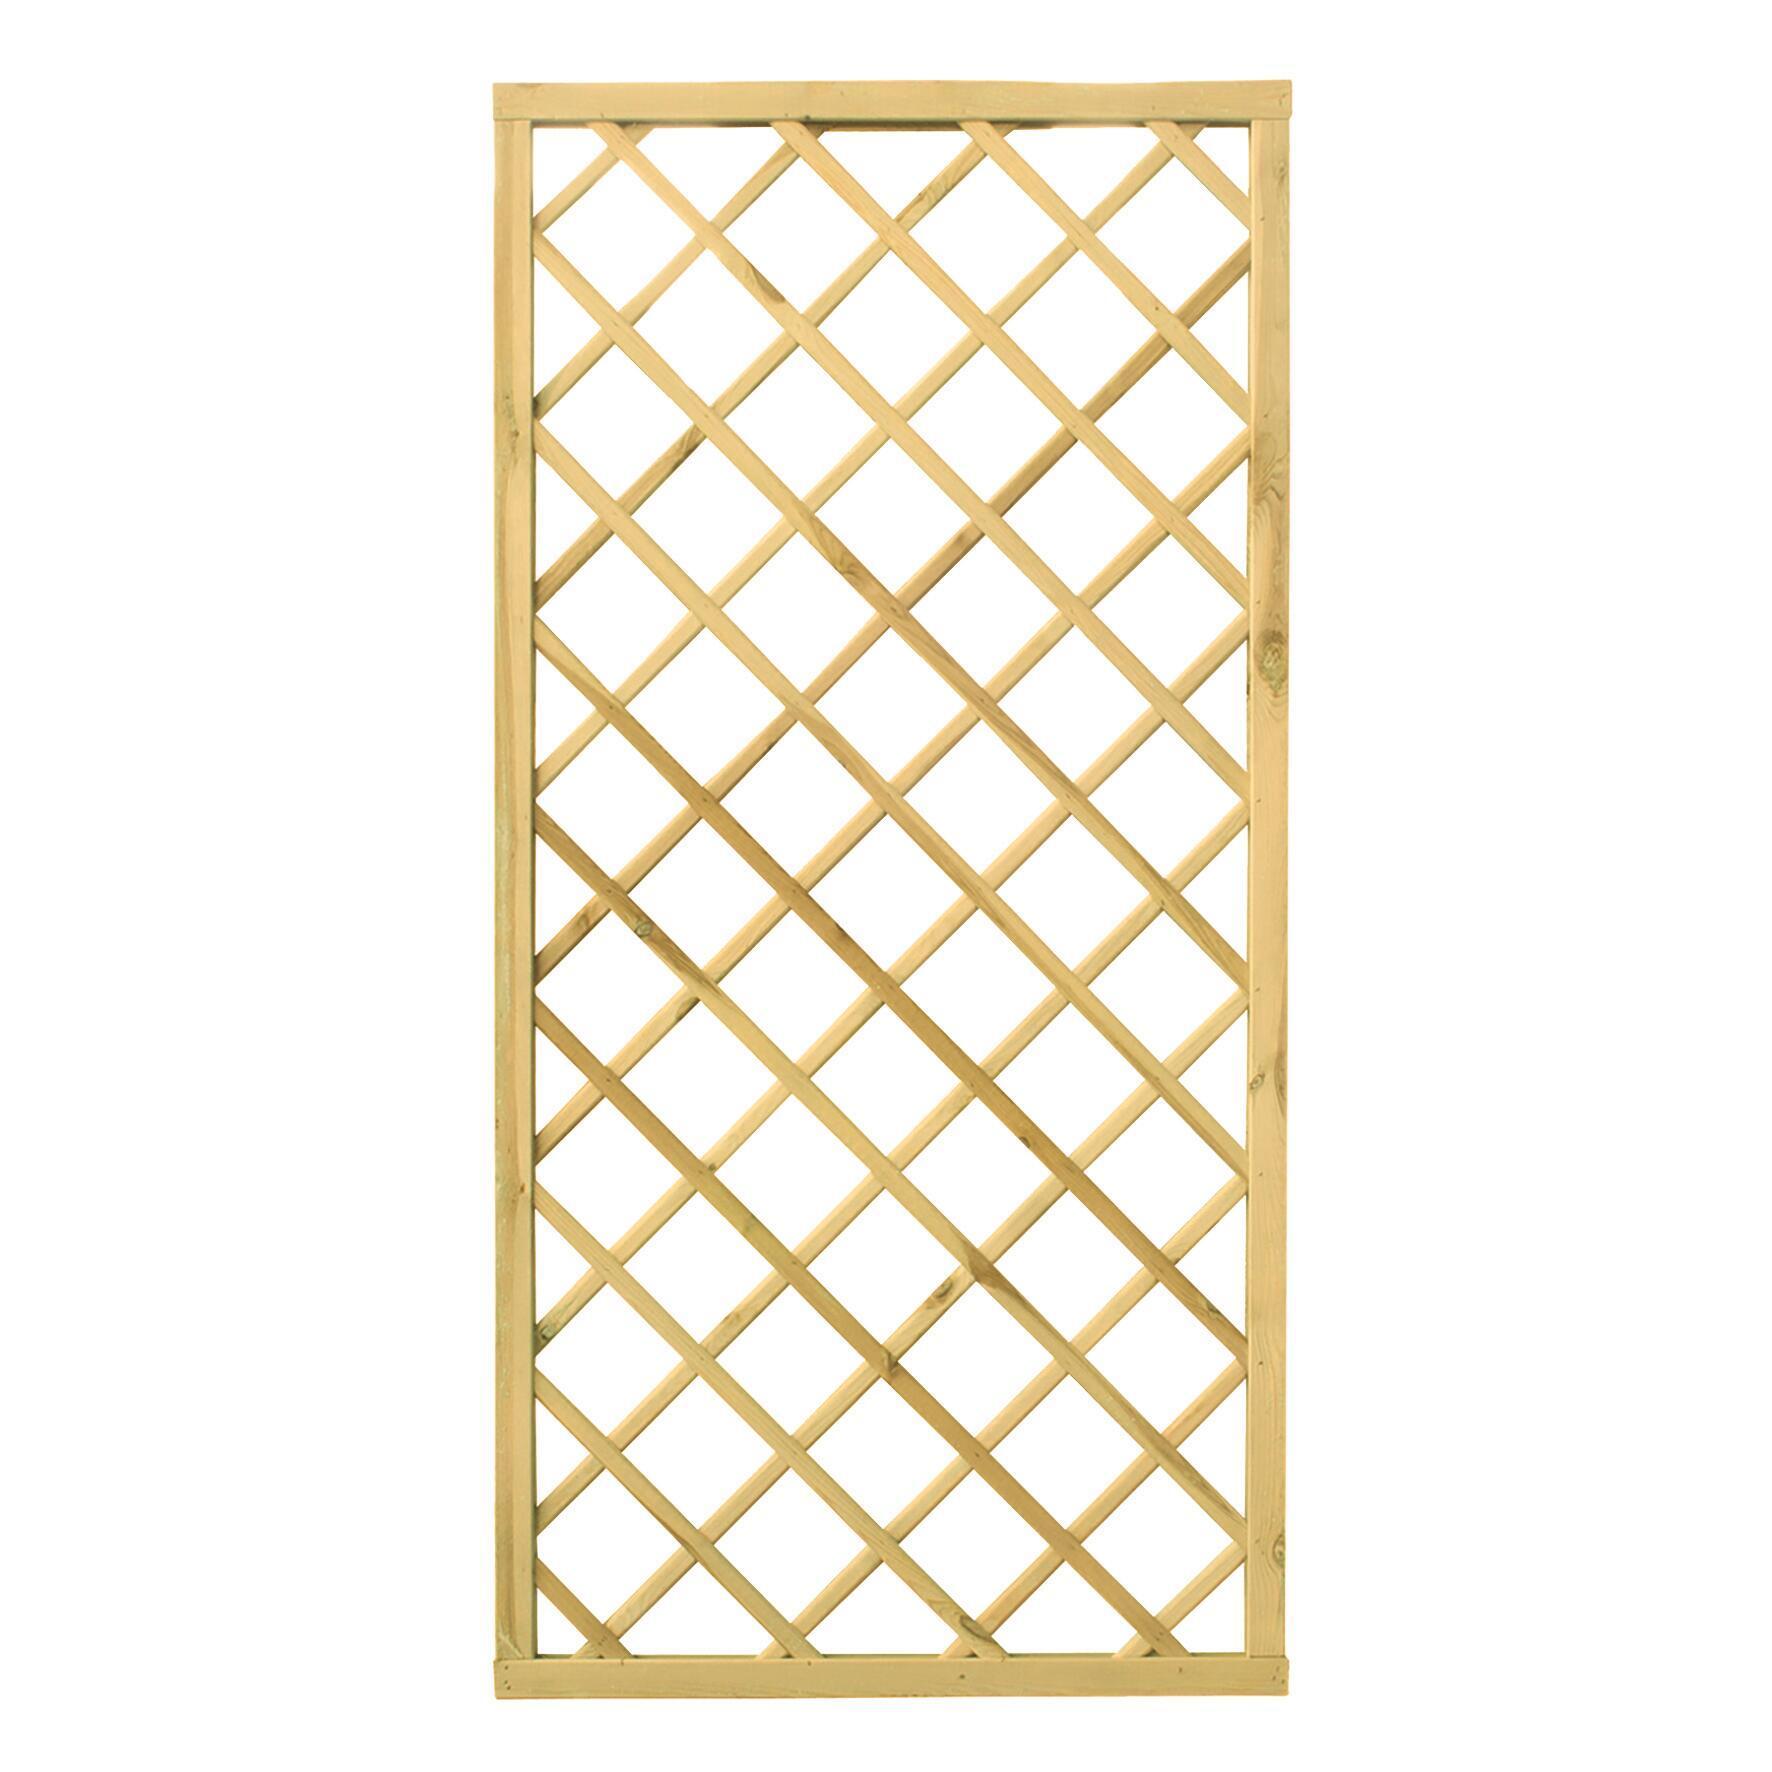 Pannello reticolato in legno Diagonale 90 x 180 cm - 3